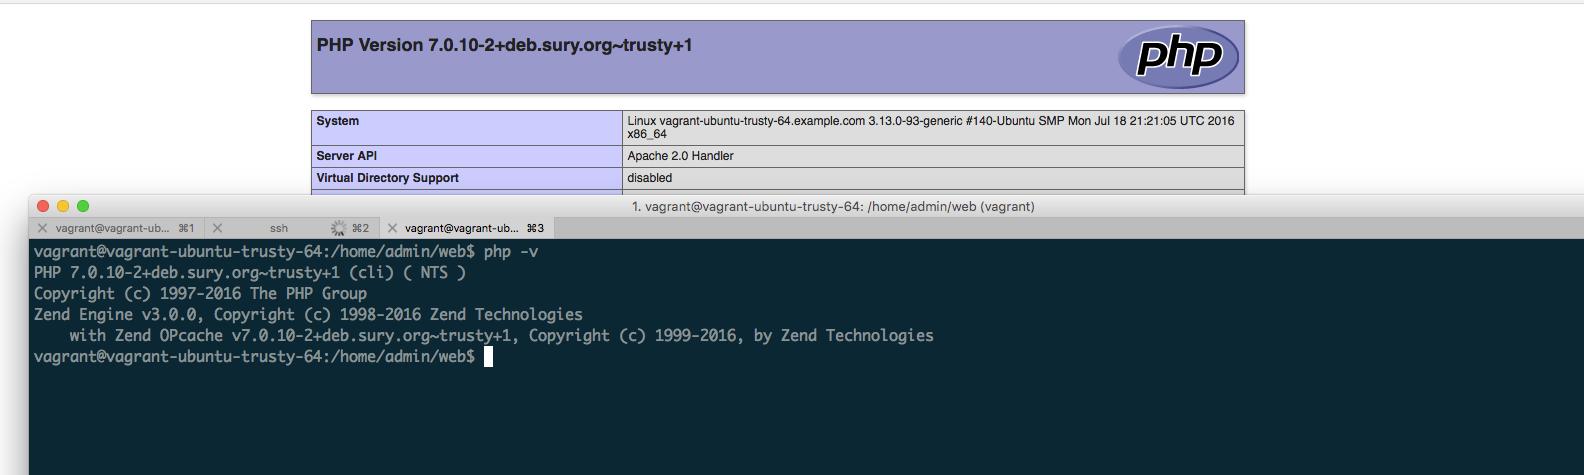 Actualizar php 5.5 a 7.0 en Vestacp - Ubuntu 14.04